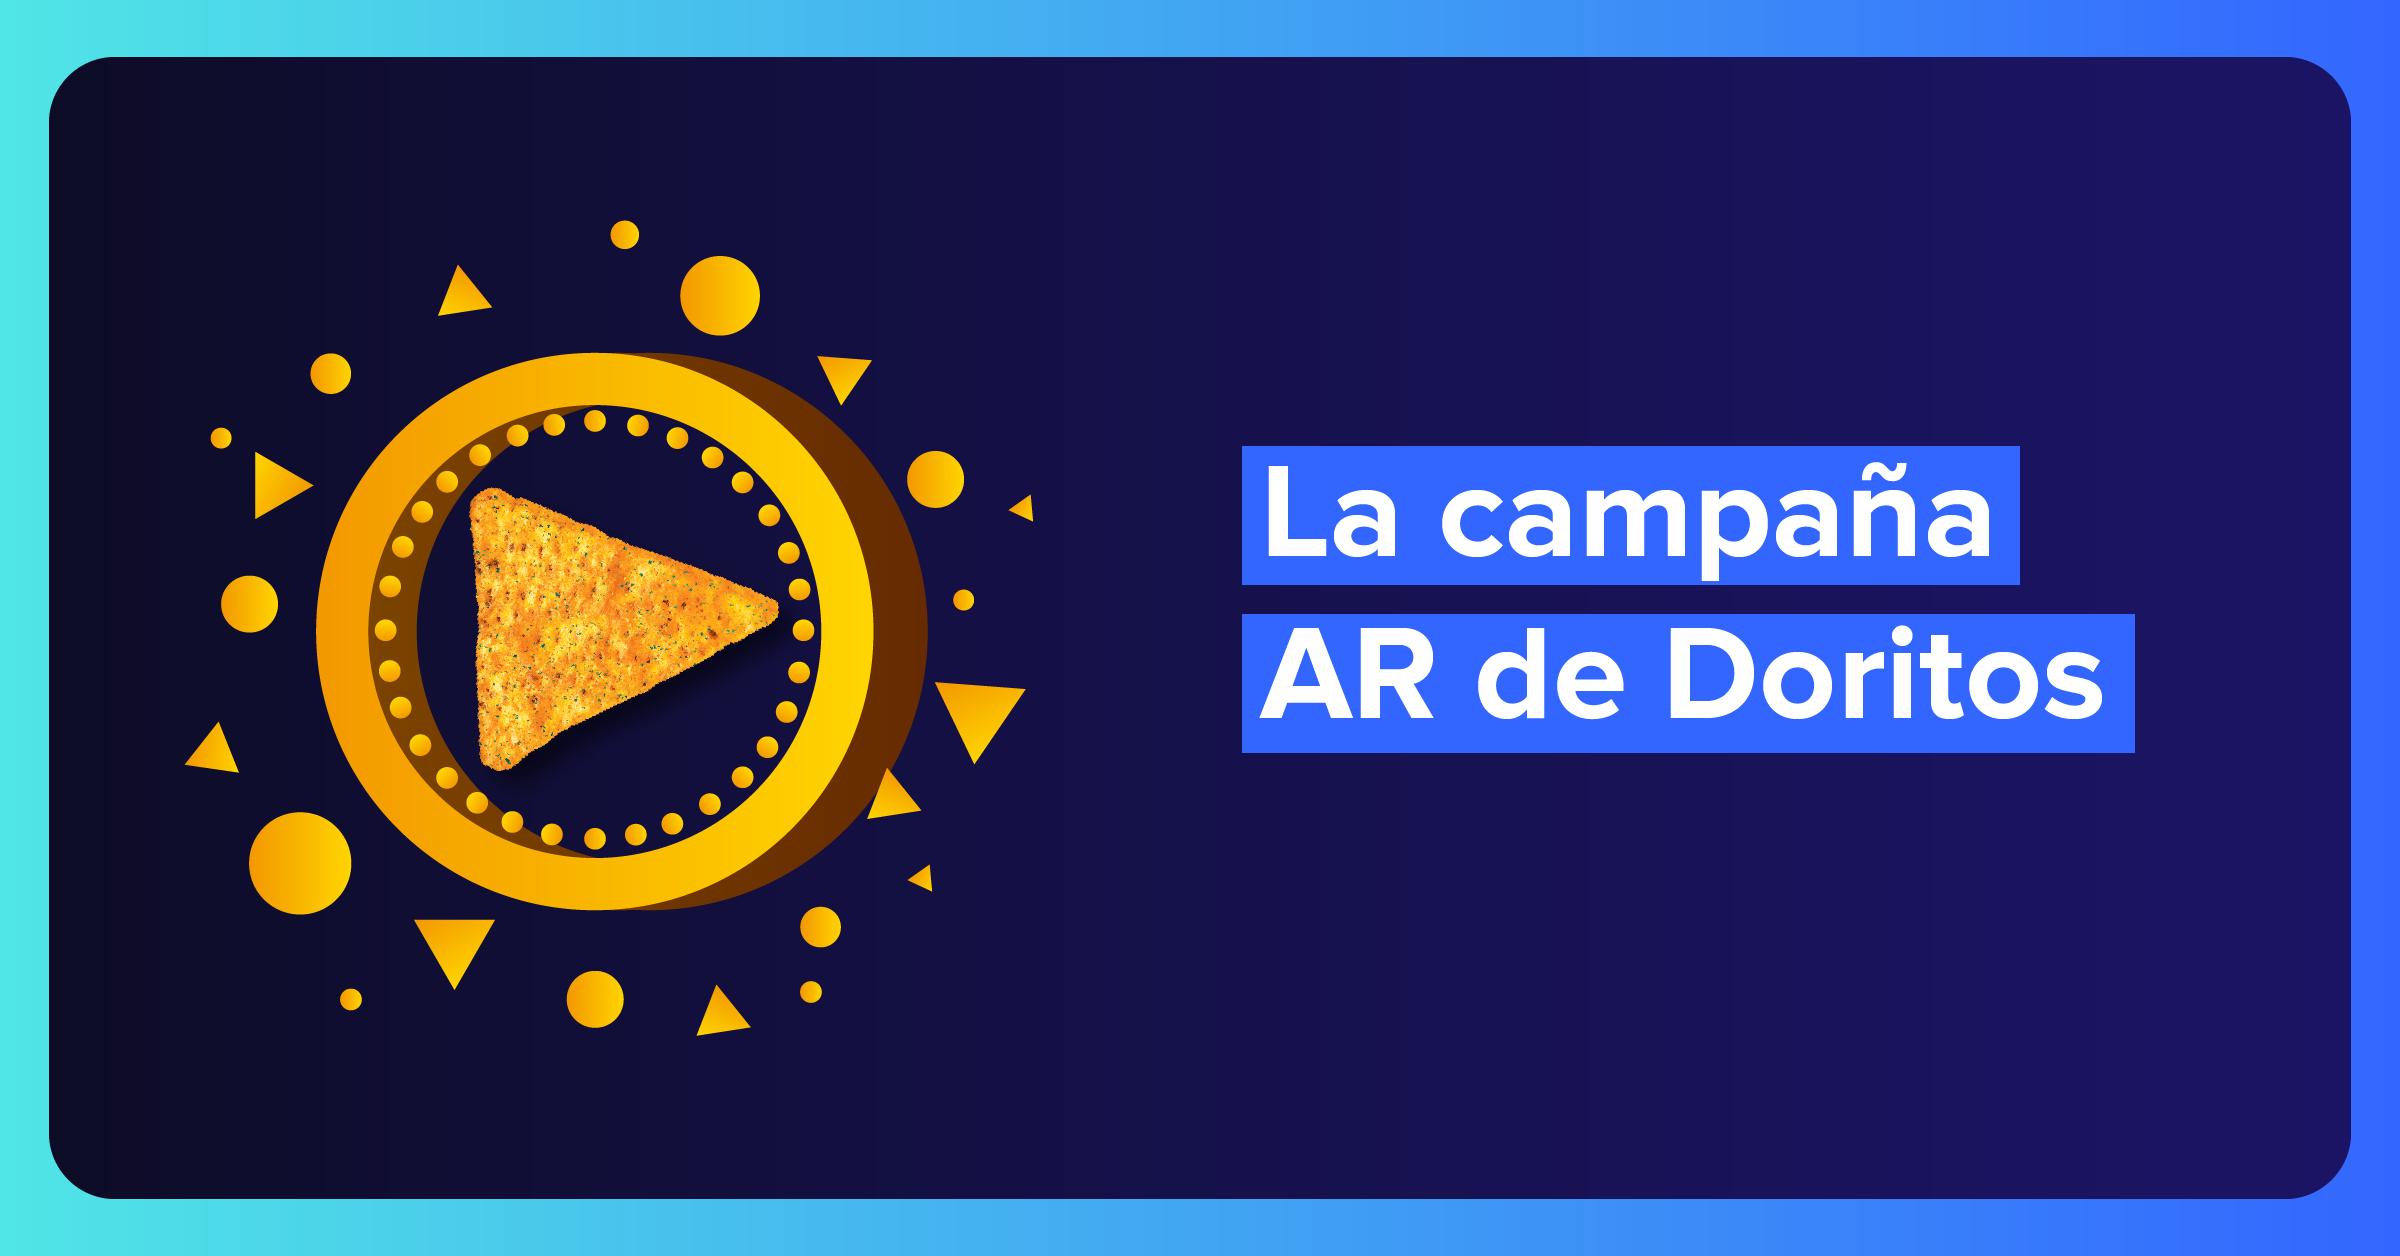 Doritos lanza campaña con realidad aumentada